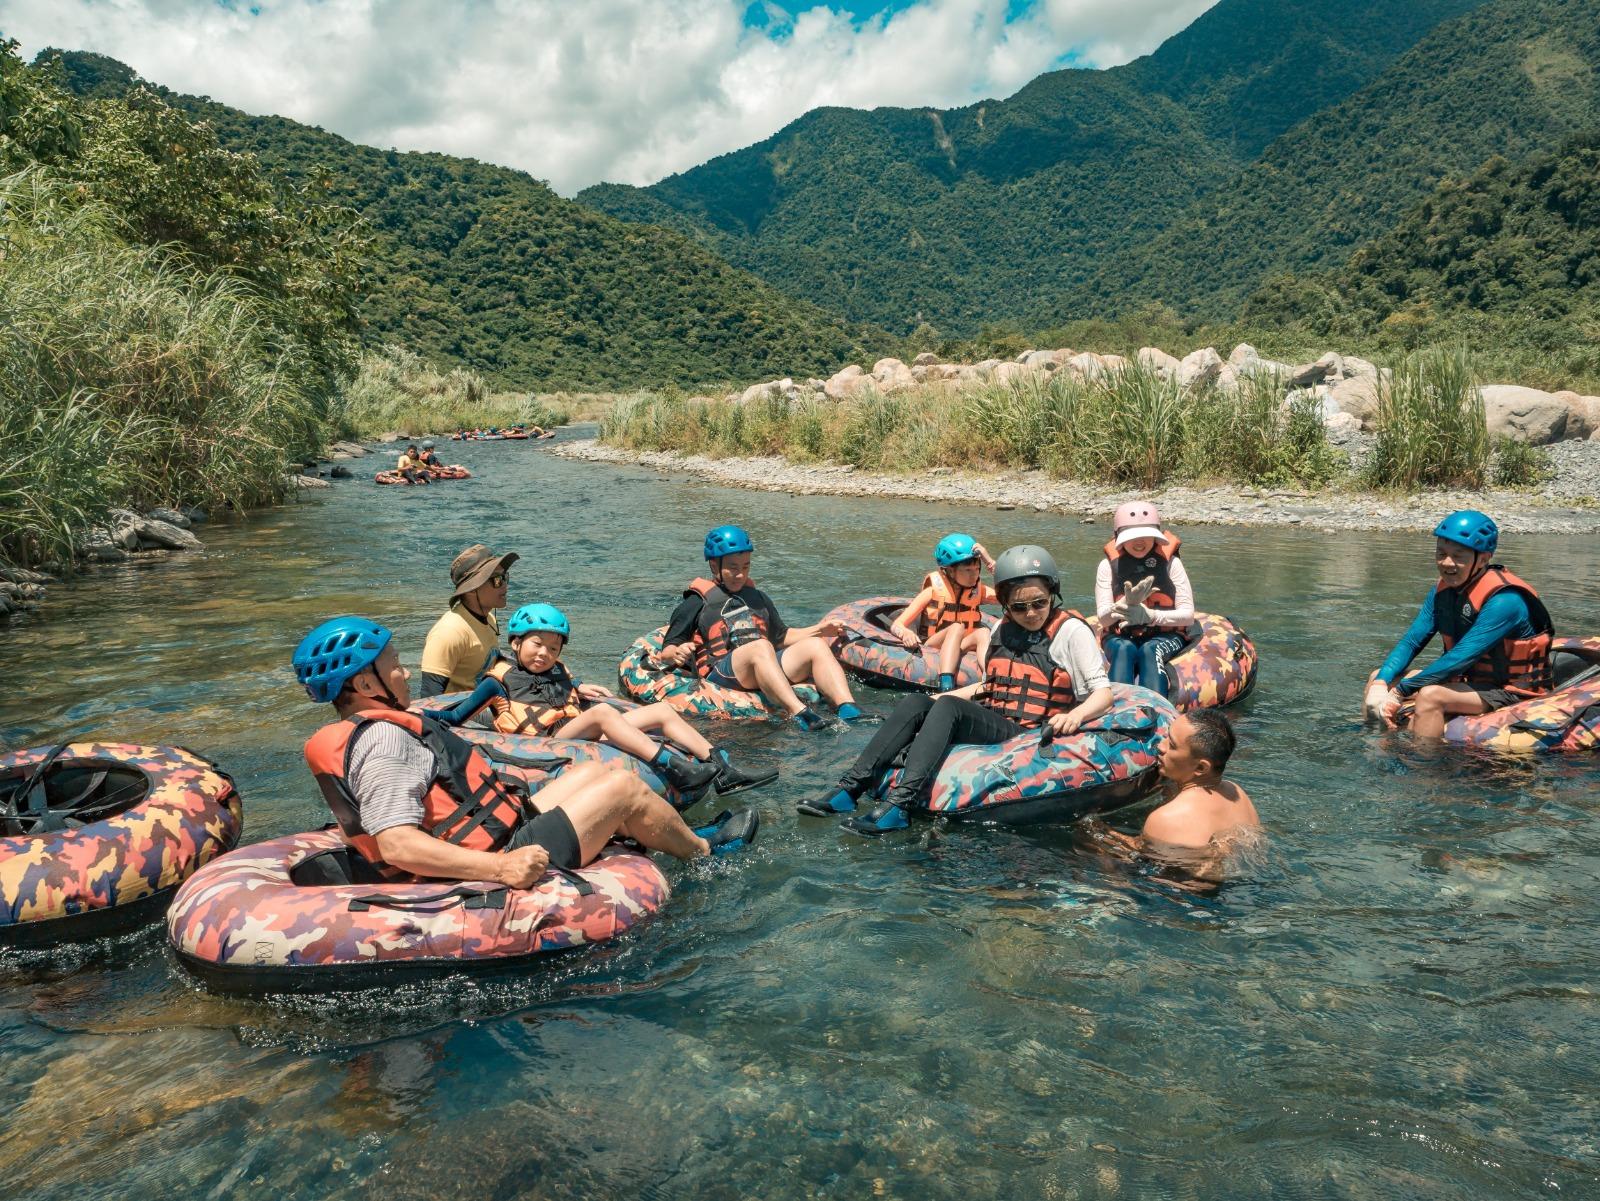 今夏水上活動hen不一樣!新興寬板滑水、水上自行車好玩到併軌